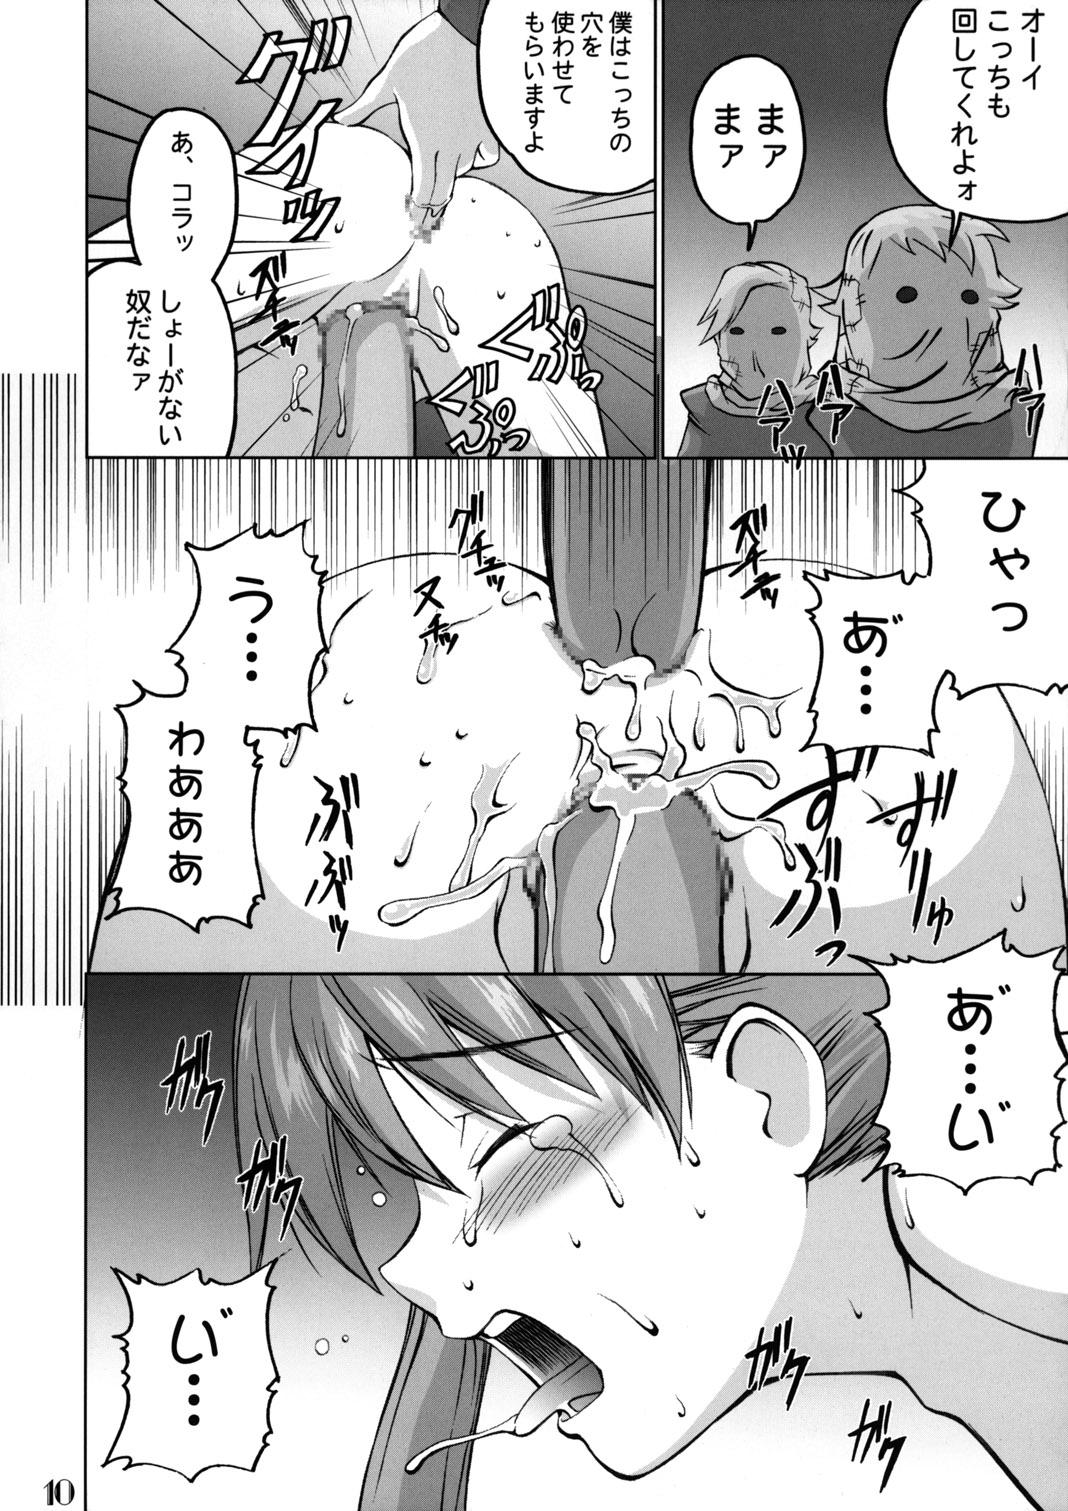 Slave Unit Vol.3 Hokka Hokka Musume 8